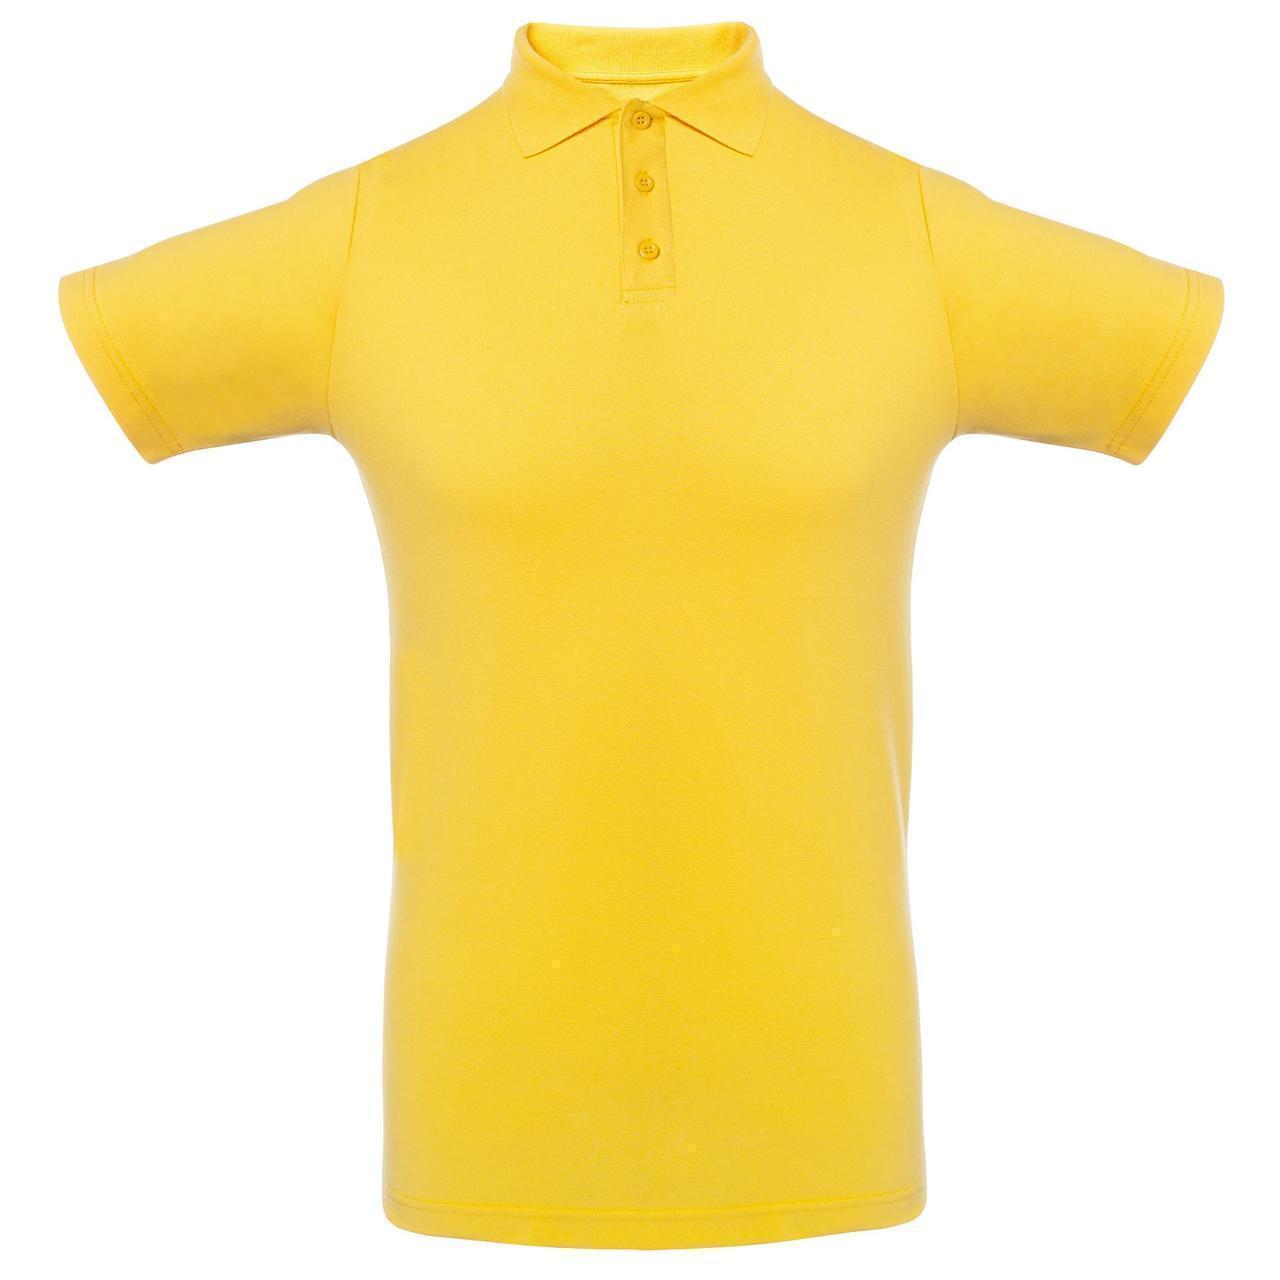 Футболка Поло Желтая.200 гр.3XL